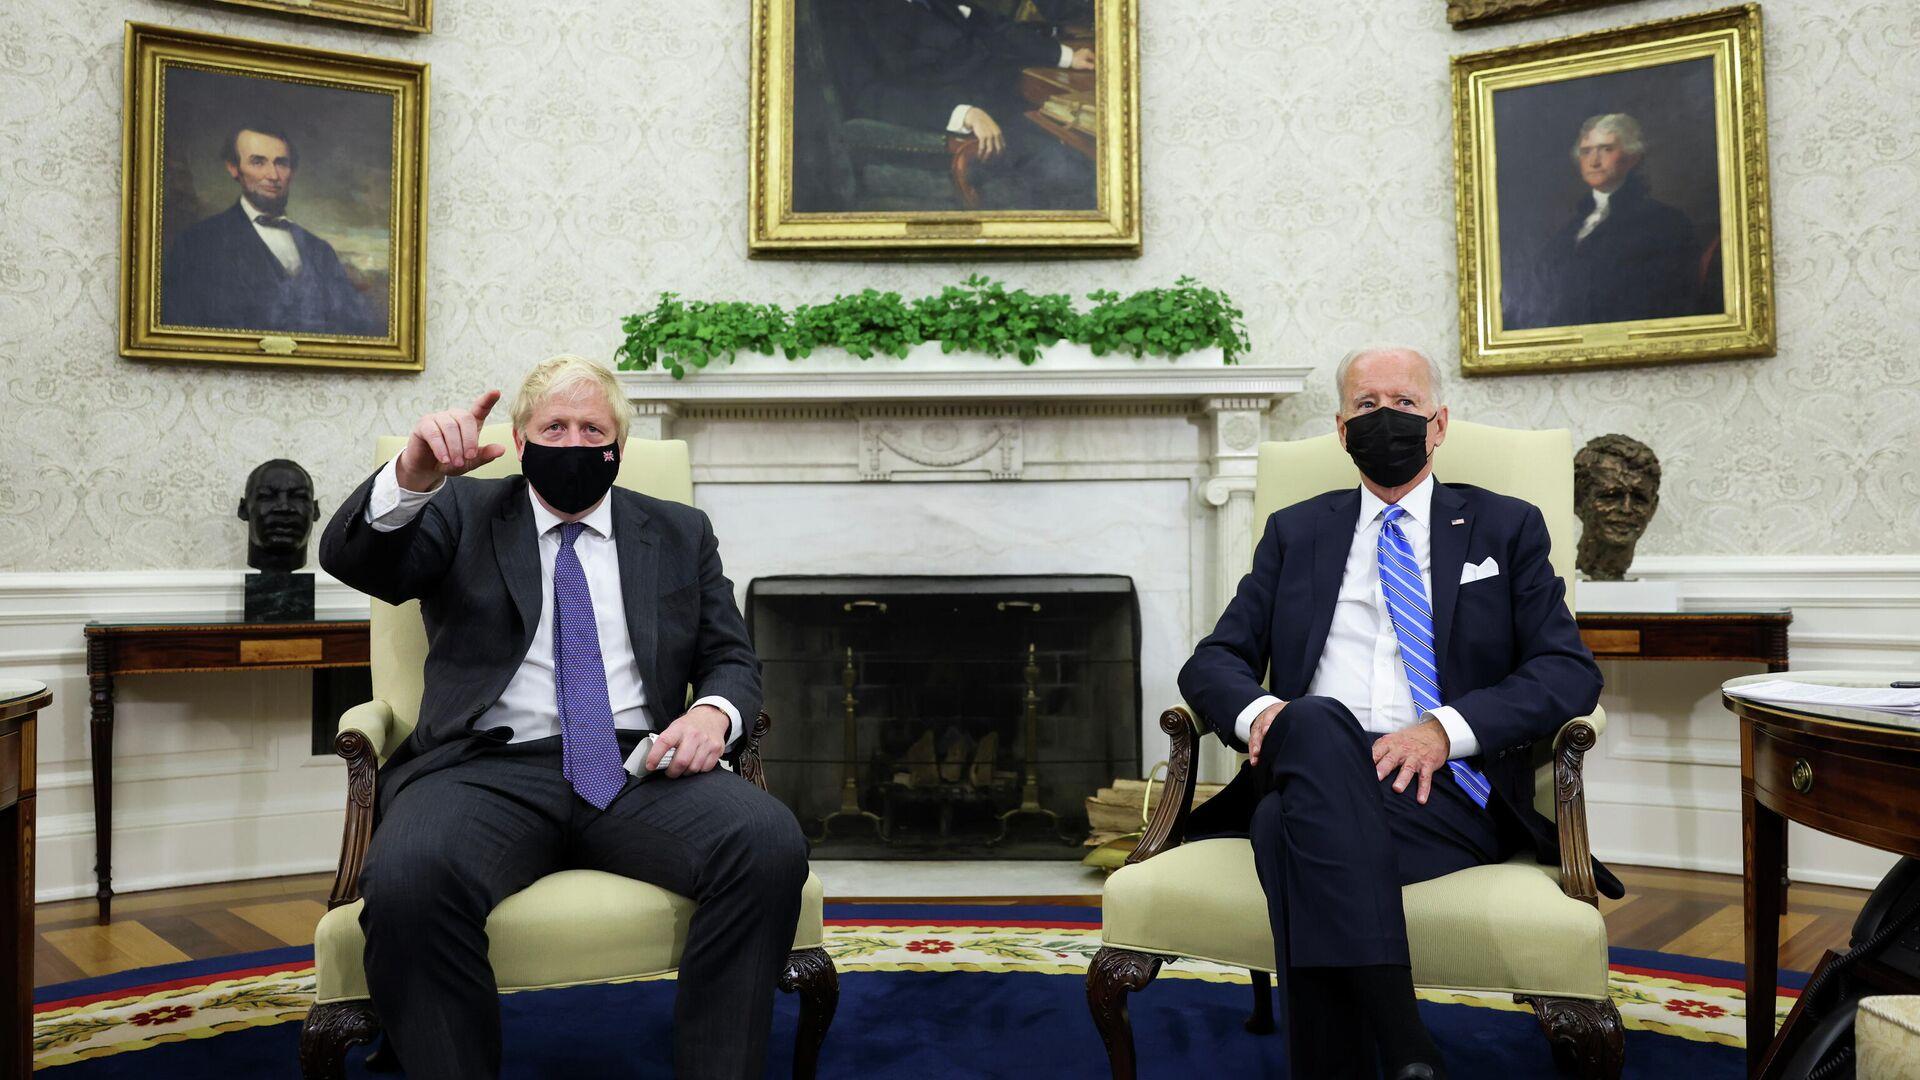 İngiltere Başbakanı Boris Johnson, Beyaz Saray'da ABD Başkanı Joe Biden ile bir araya geldi. - Sputnik Türkiye, 1920, 22.09.2021